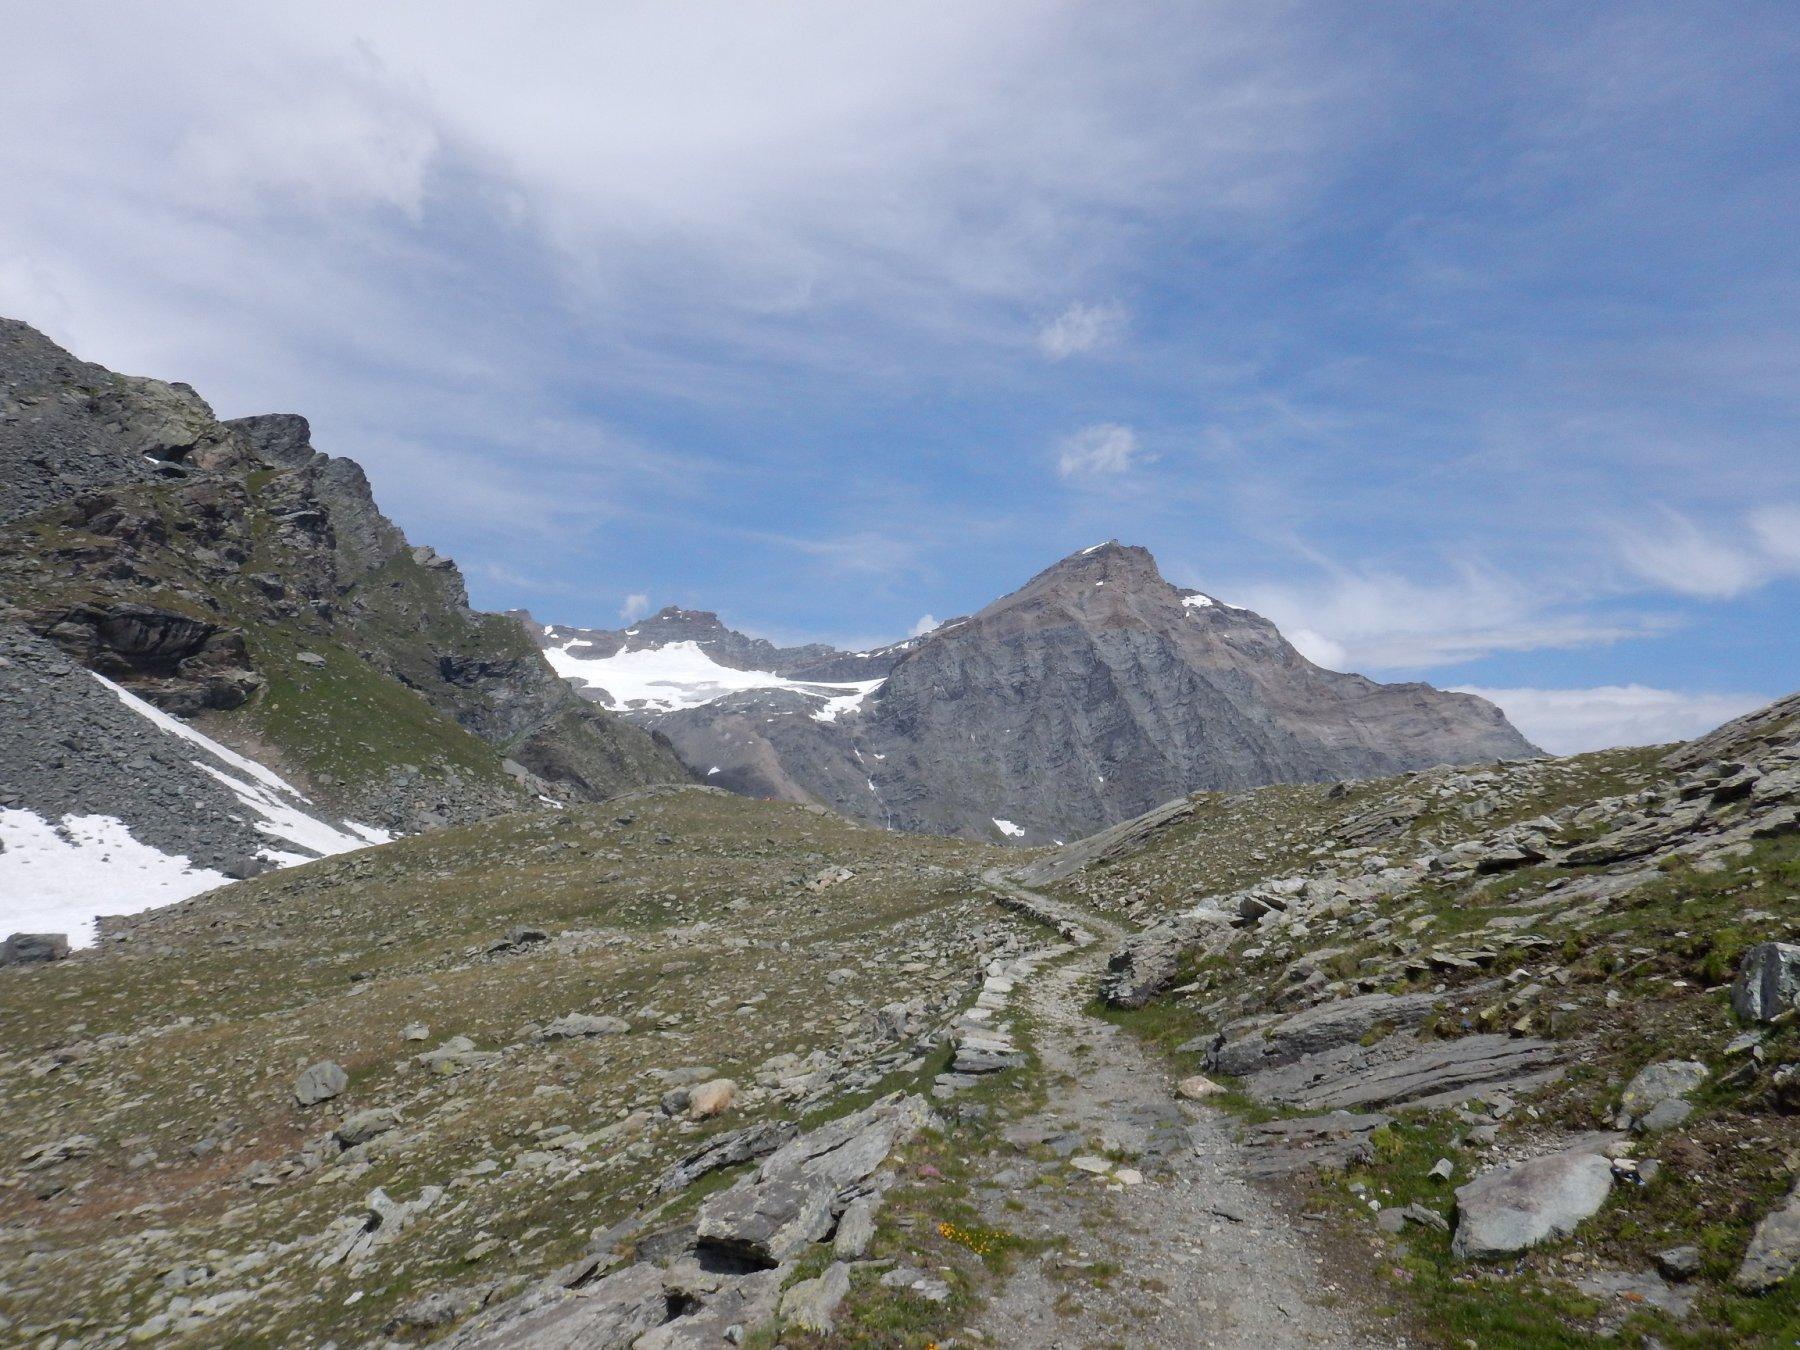 la cima vista dal sentiero che arriva al rifugio gastaldi